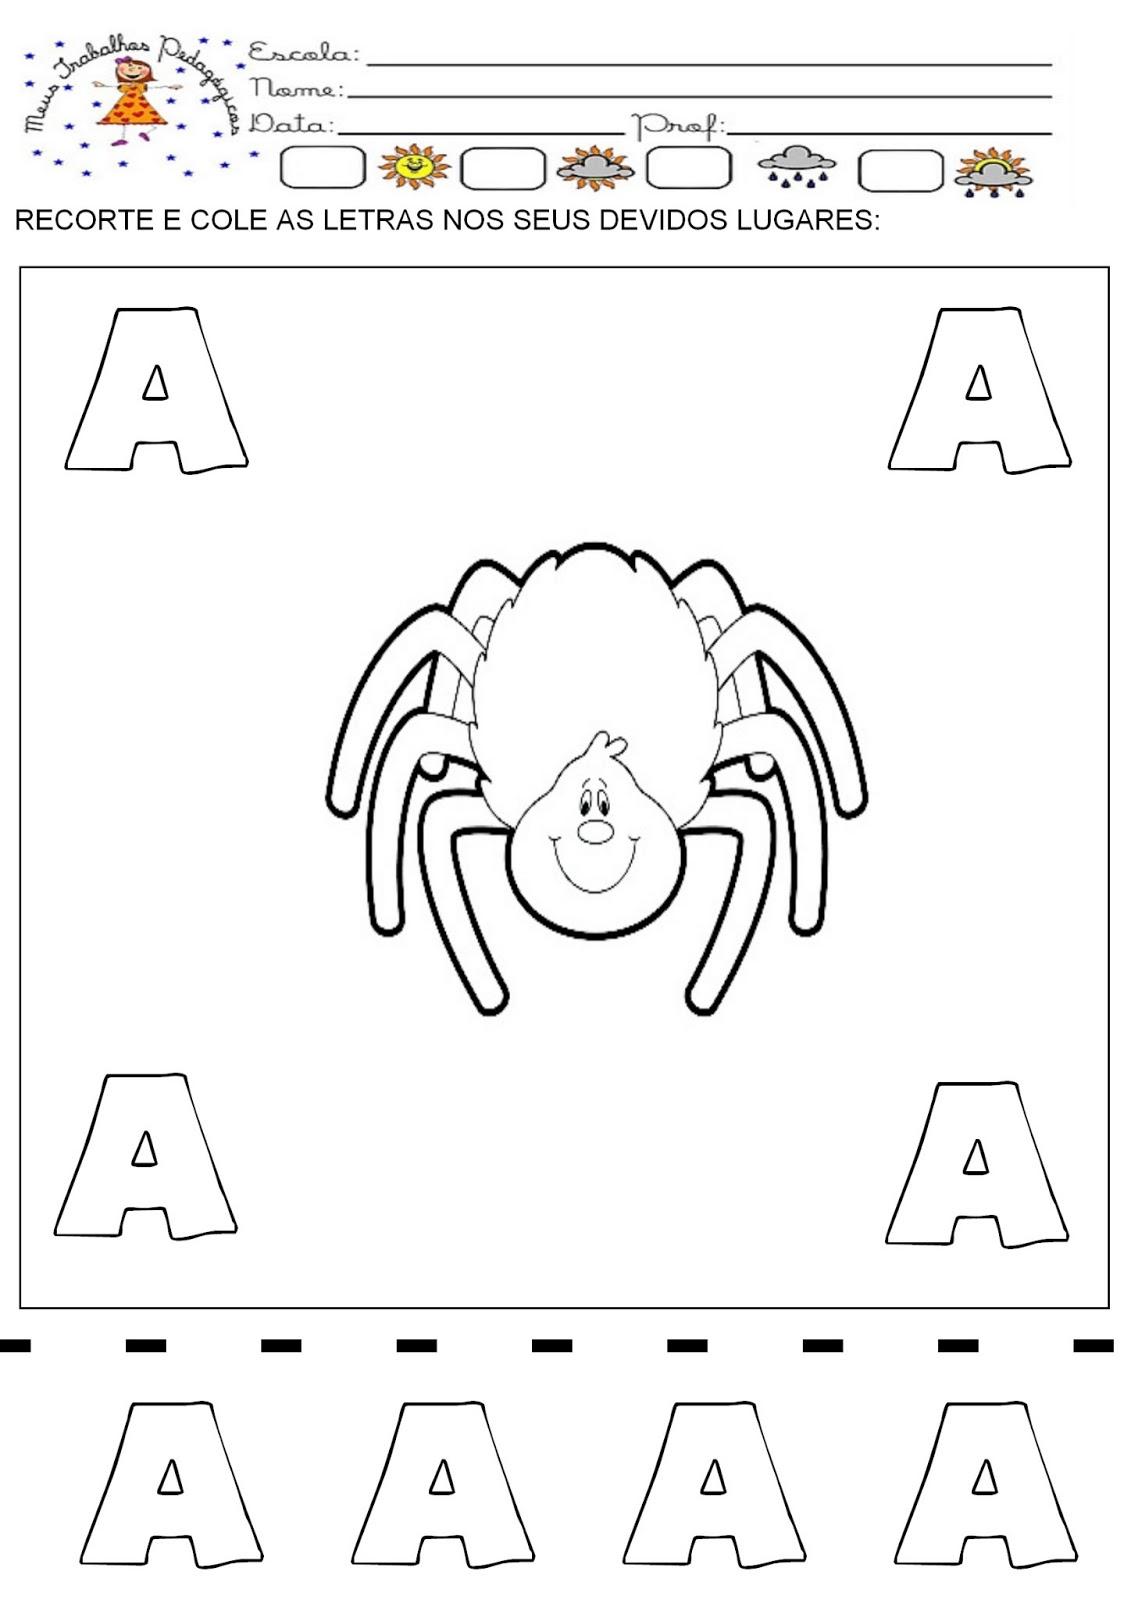 Favoritos Meus Trabalhos Pedagógicos ®: Atividades recorte e cole - Alfabeto AE59